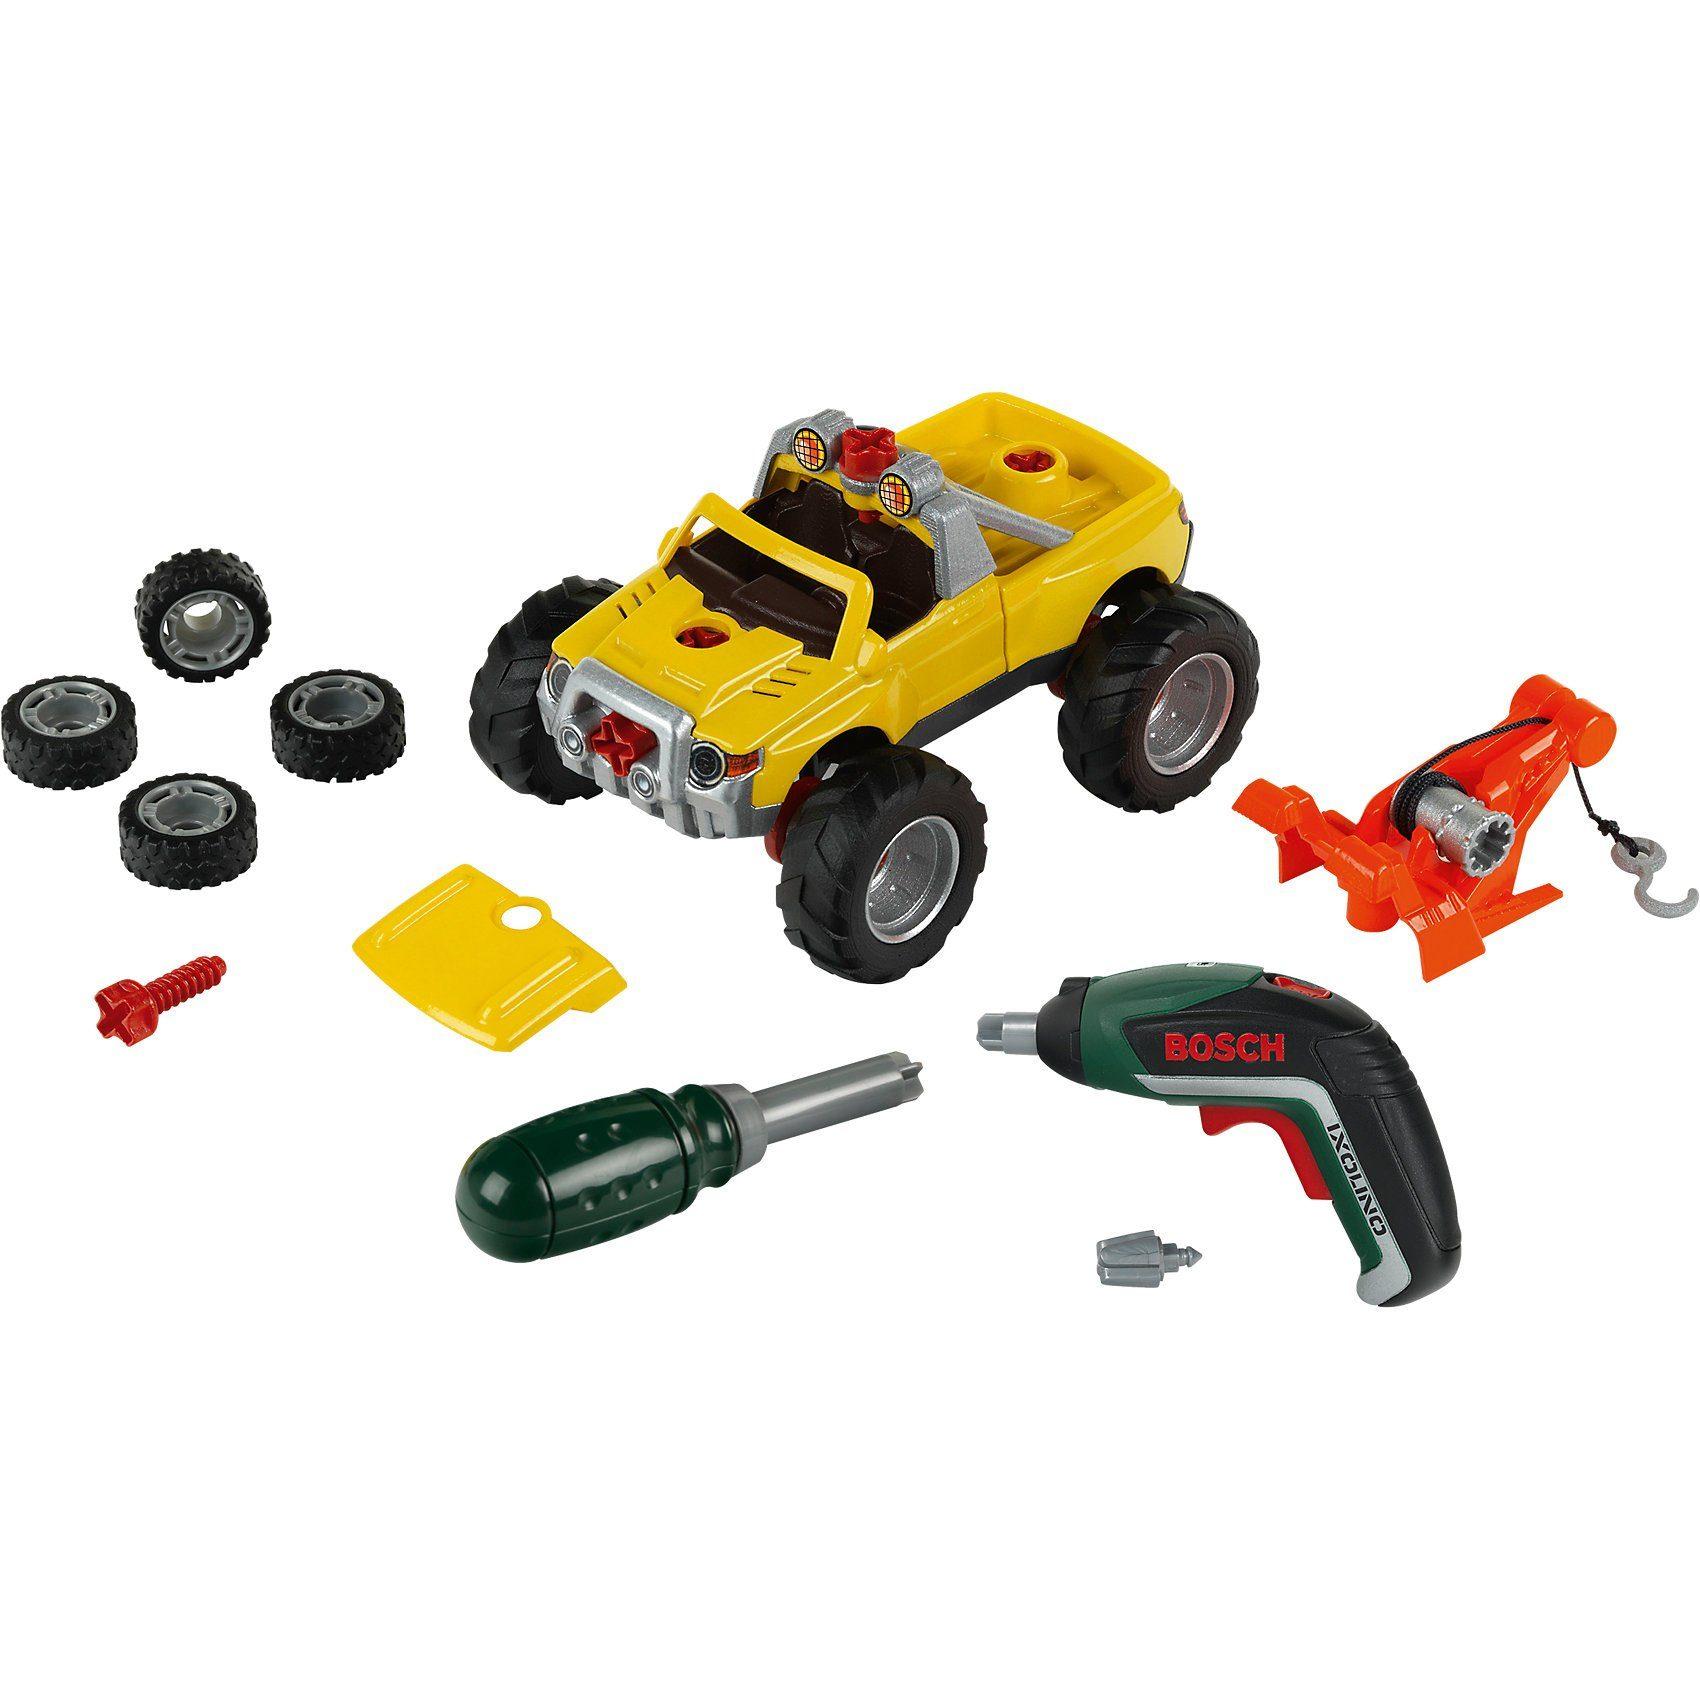 Klein Bosch Car Set, 3 in 1